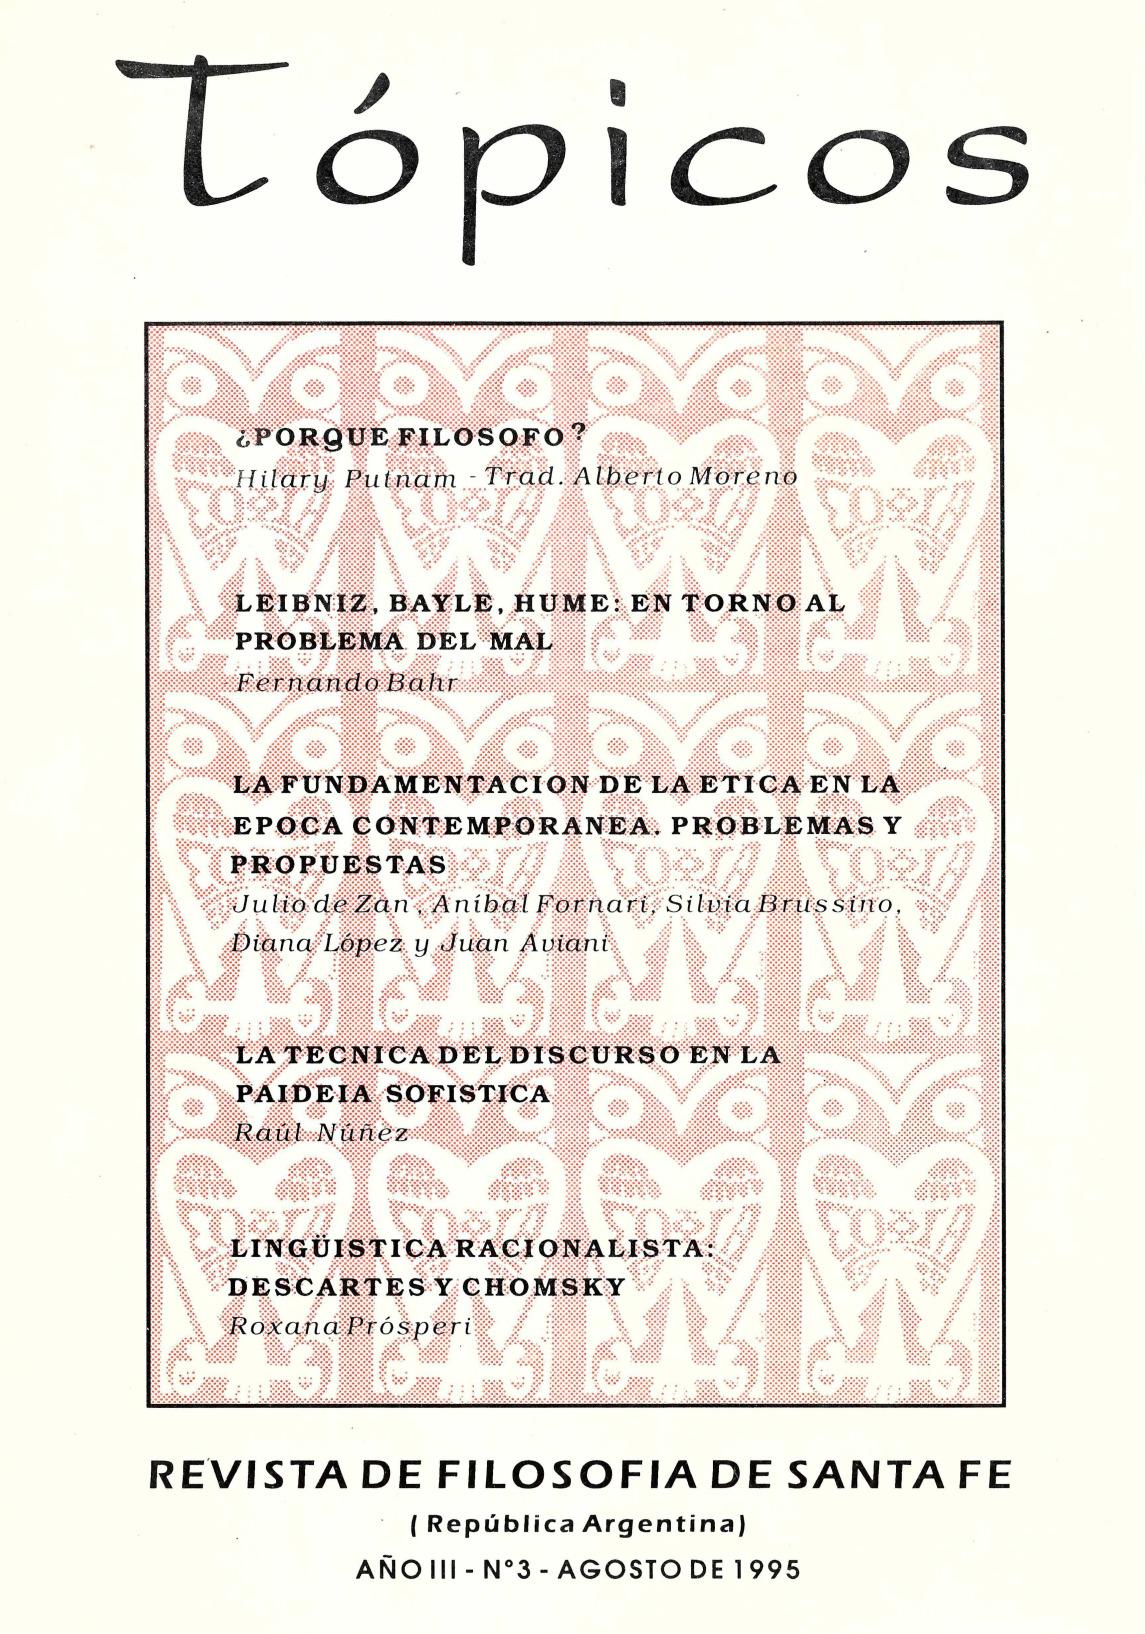 Imagen de tapa de Revista Tópicos Nº 3.